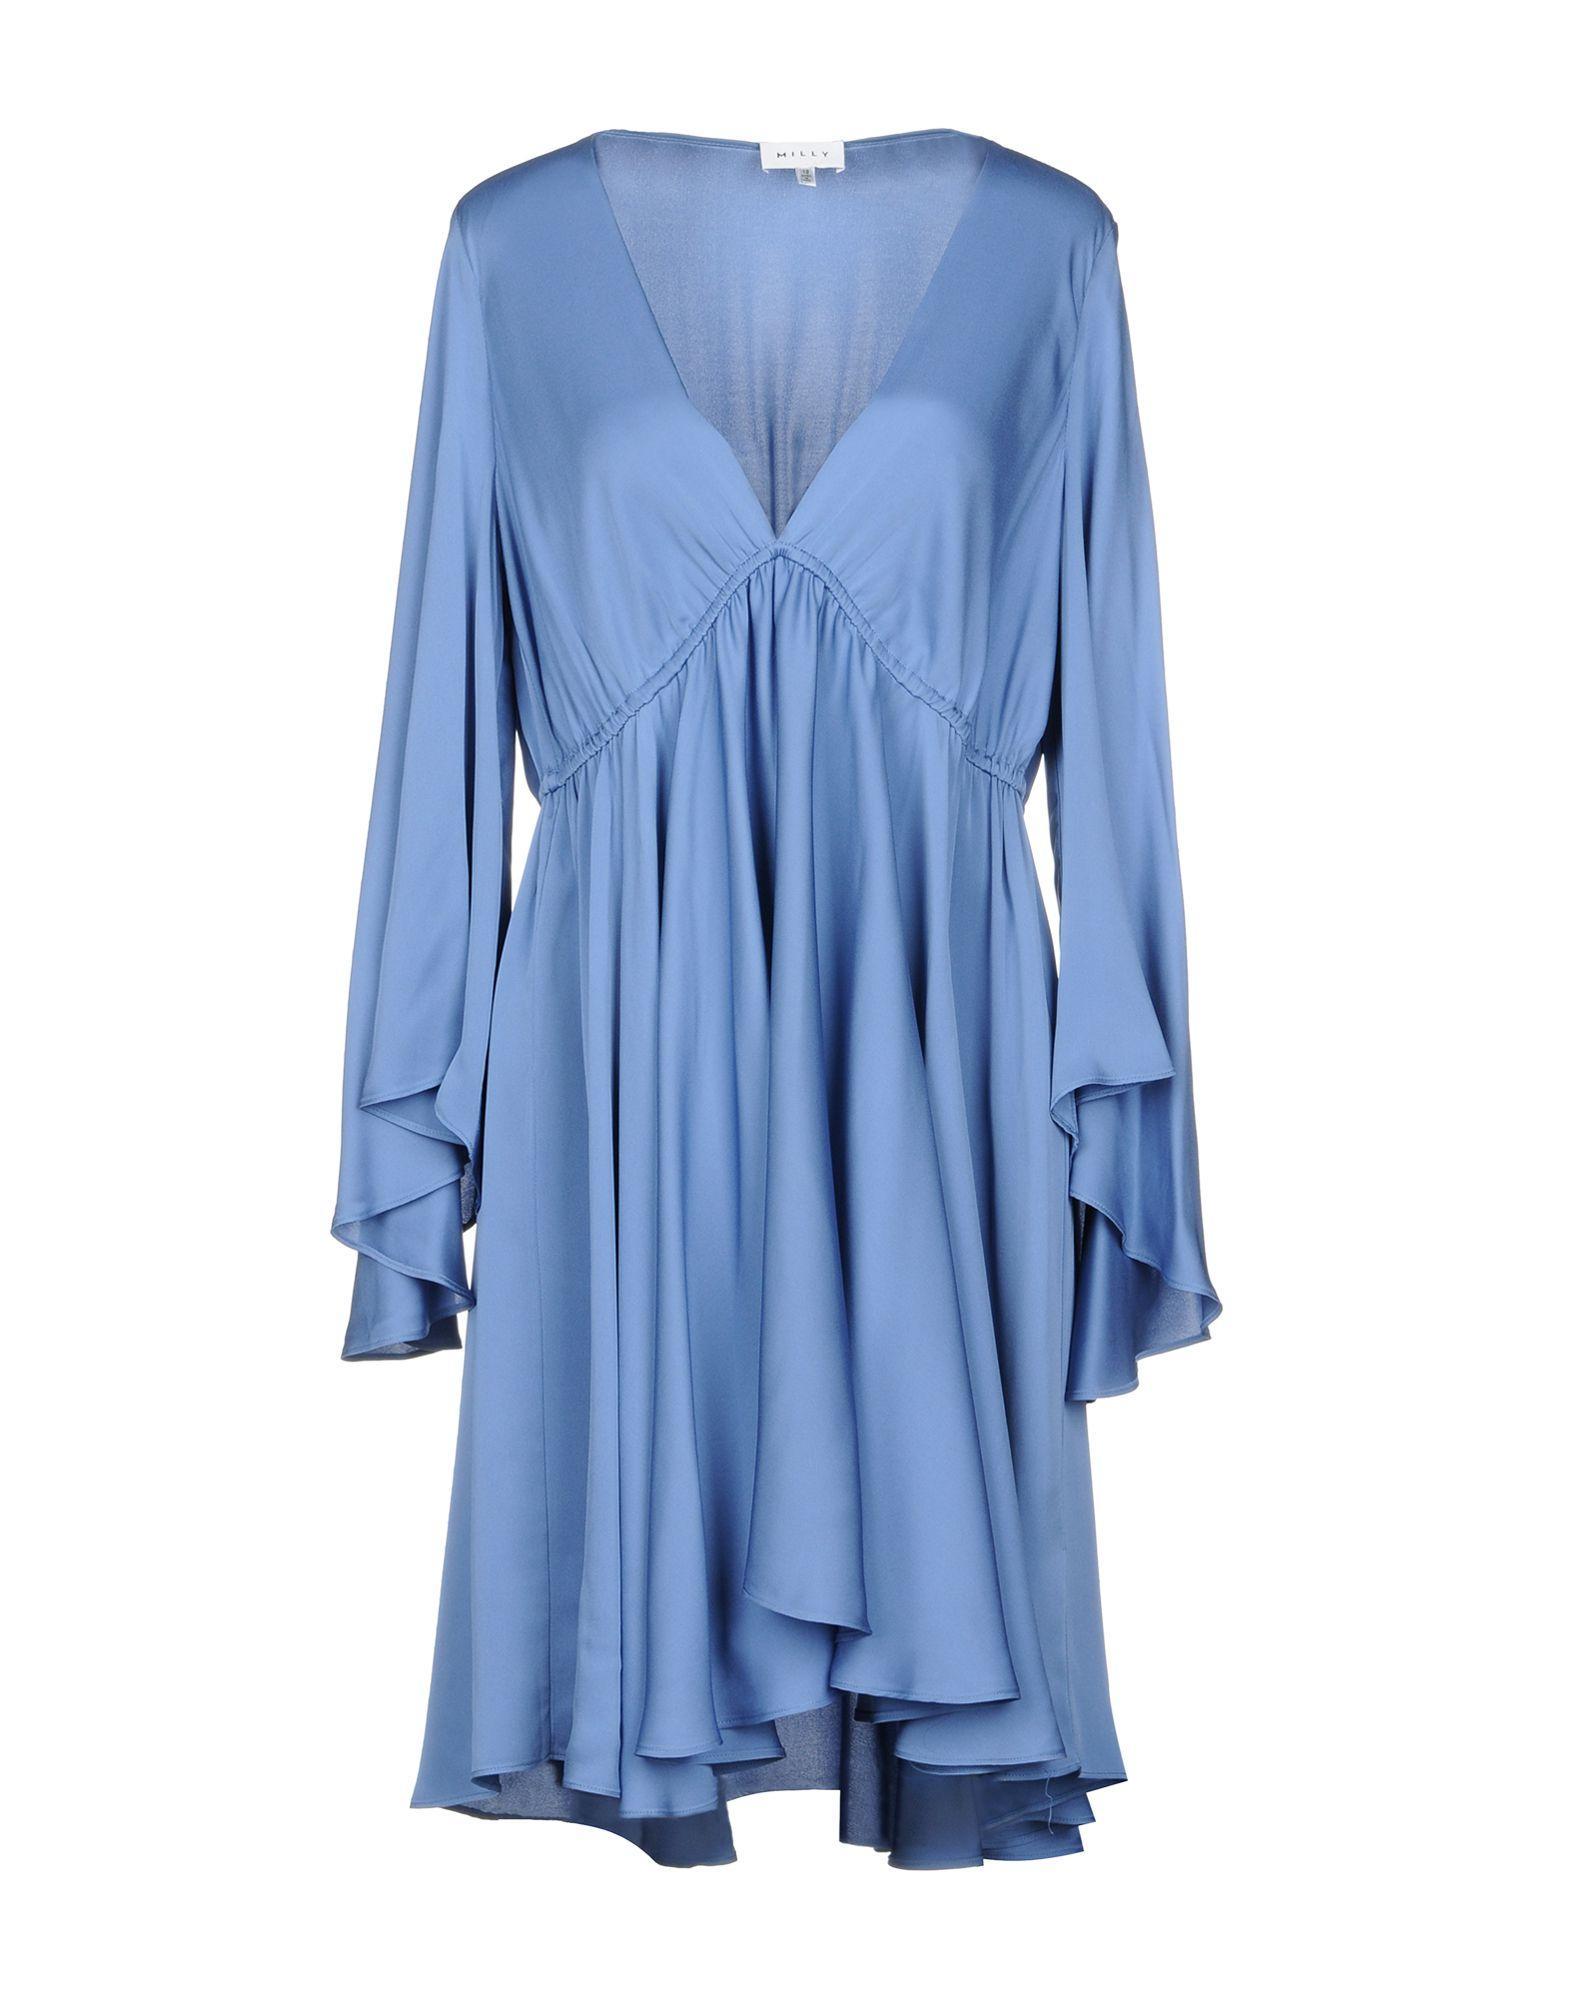 Короткое платье  Голубой,Синий цвета